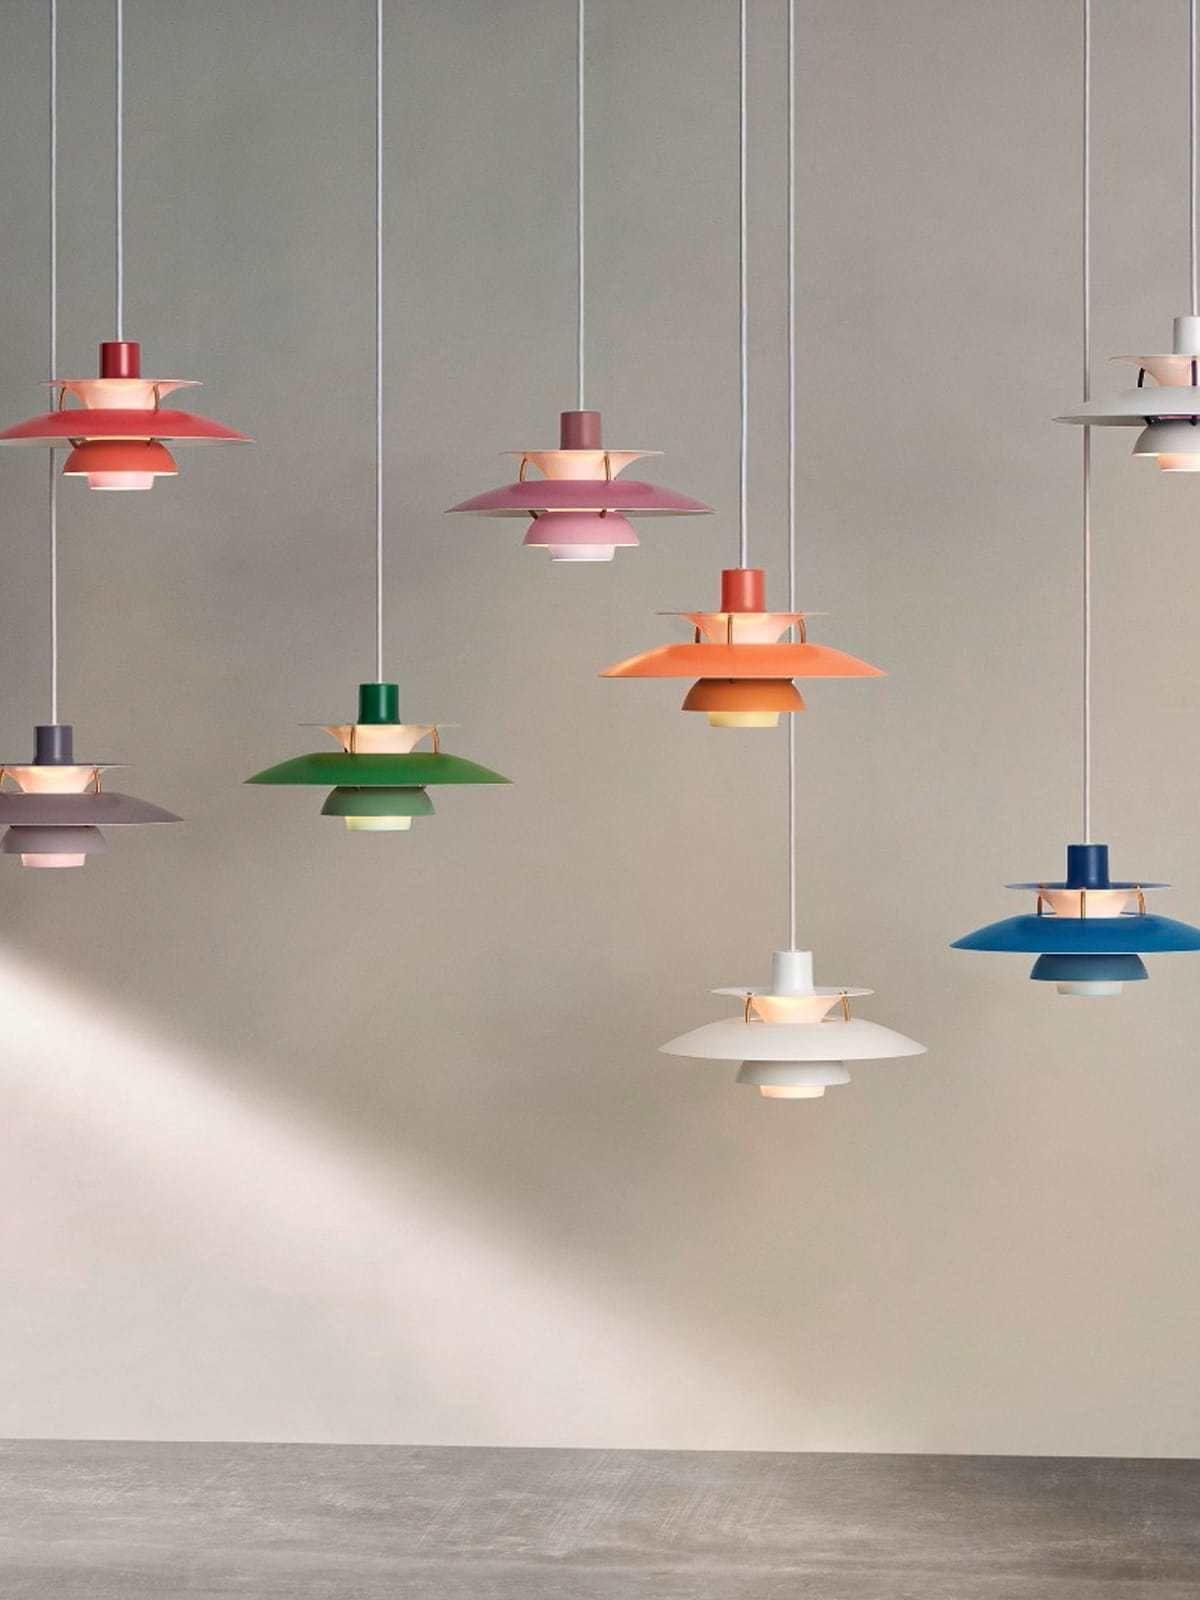 Ph5 Mini Lampen Und Leuchten Berlin Design Design Leuchten